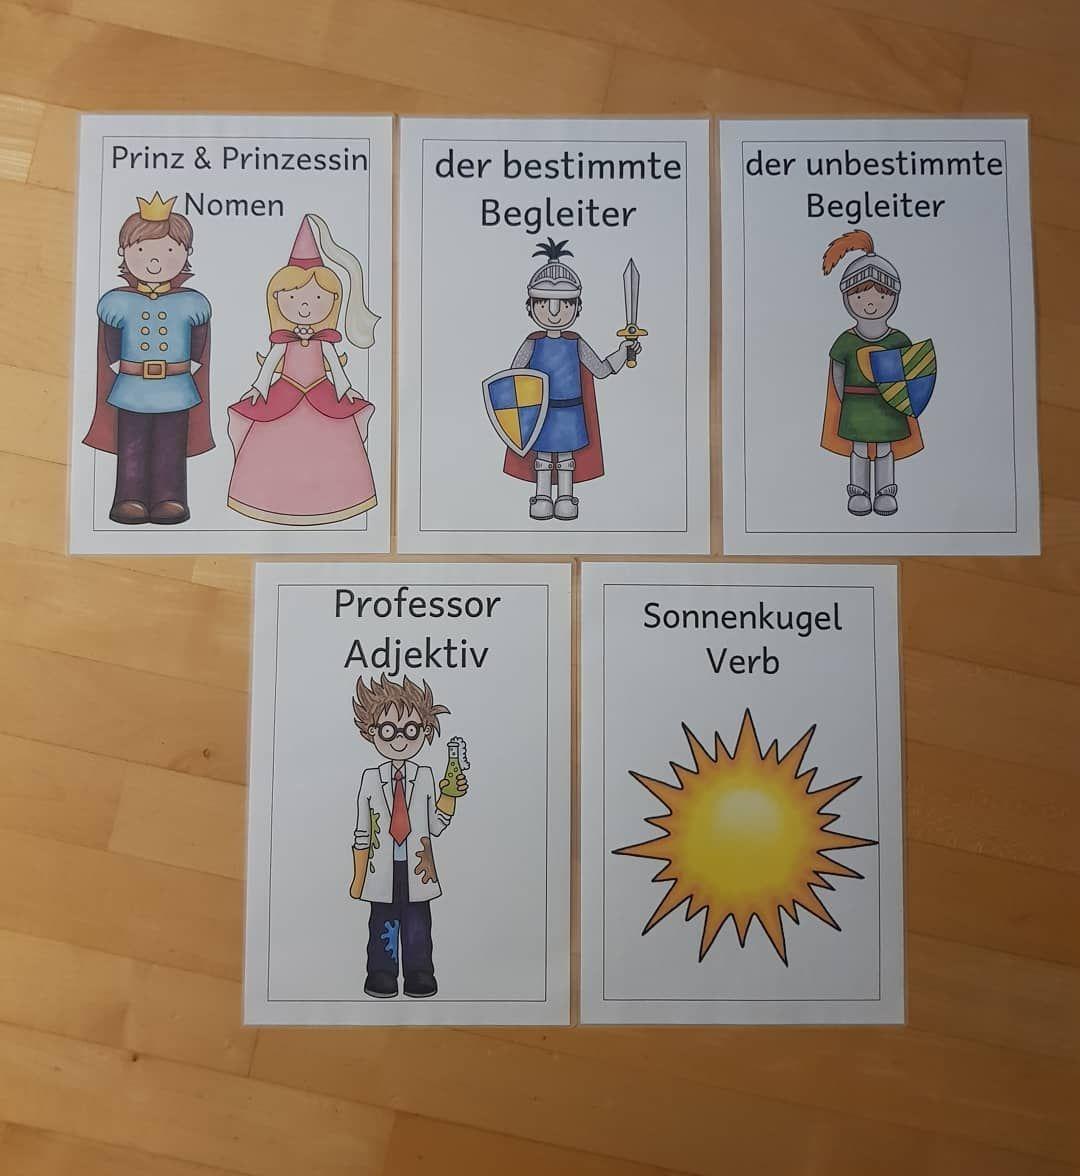 Grundschullehrerin In Bayern Grundschulschatzkiste Instagram Fotos Und Videos Grundschullehrer Deutsch Unterricht Grundschule